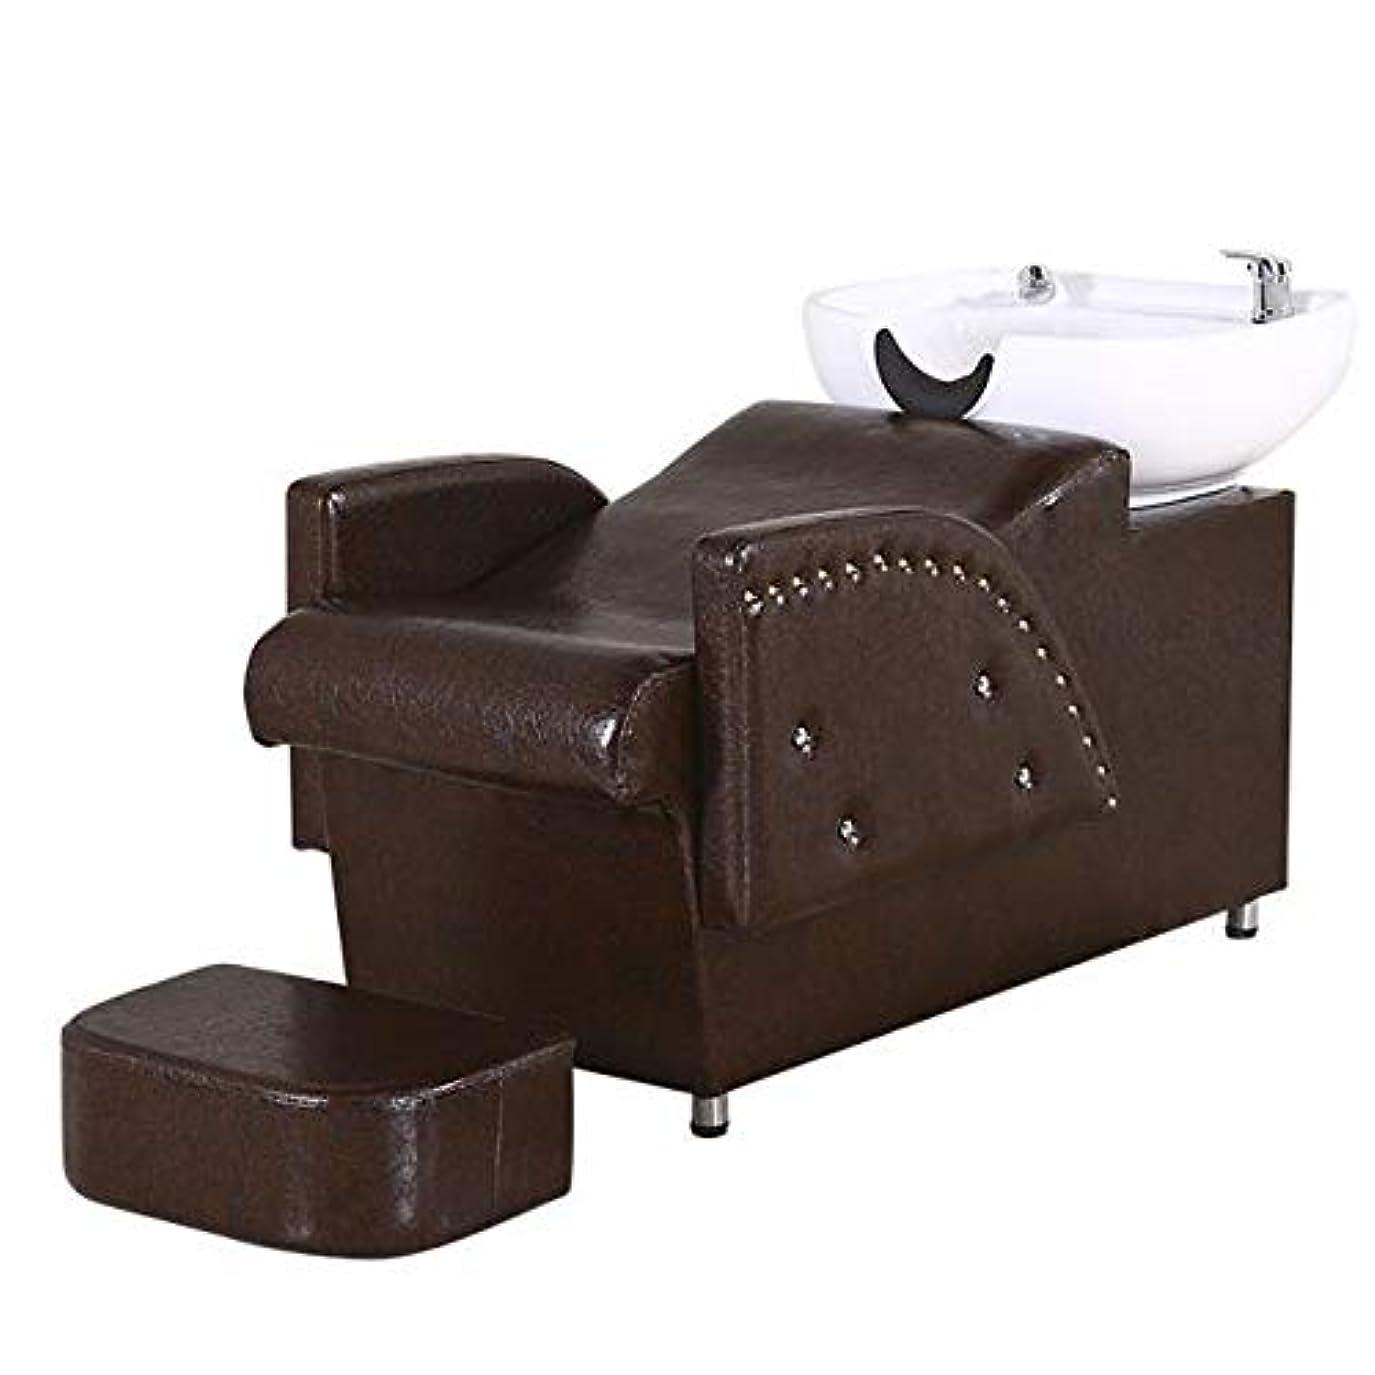 グッゲンハイム美術館め言葉硬さシャンプー椅子、逆洗ユニットシャンプーボウル理髪シンク椅子スパ美容院機器半横臥シャンプーベッド